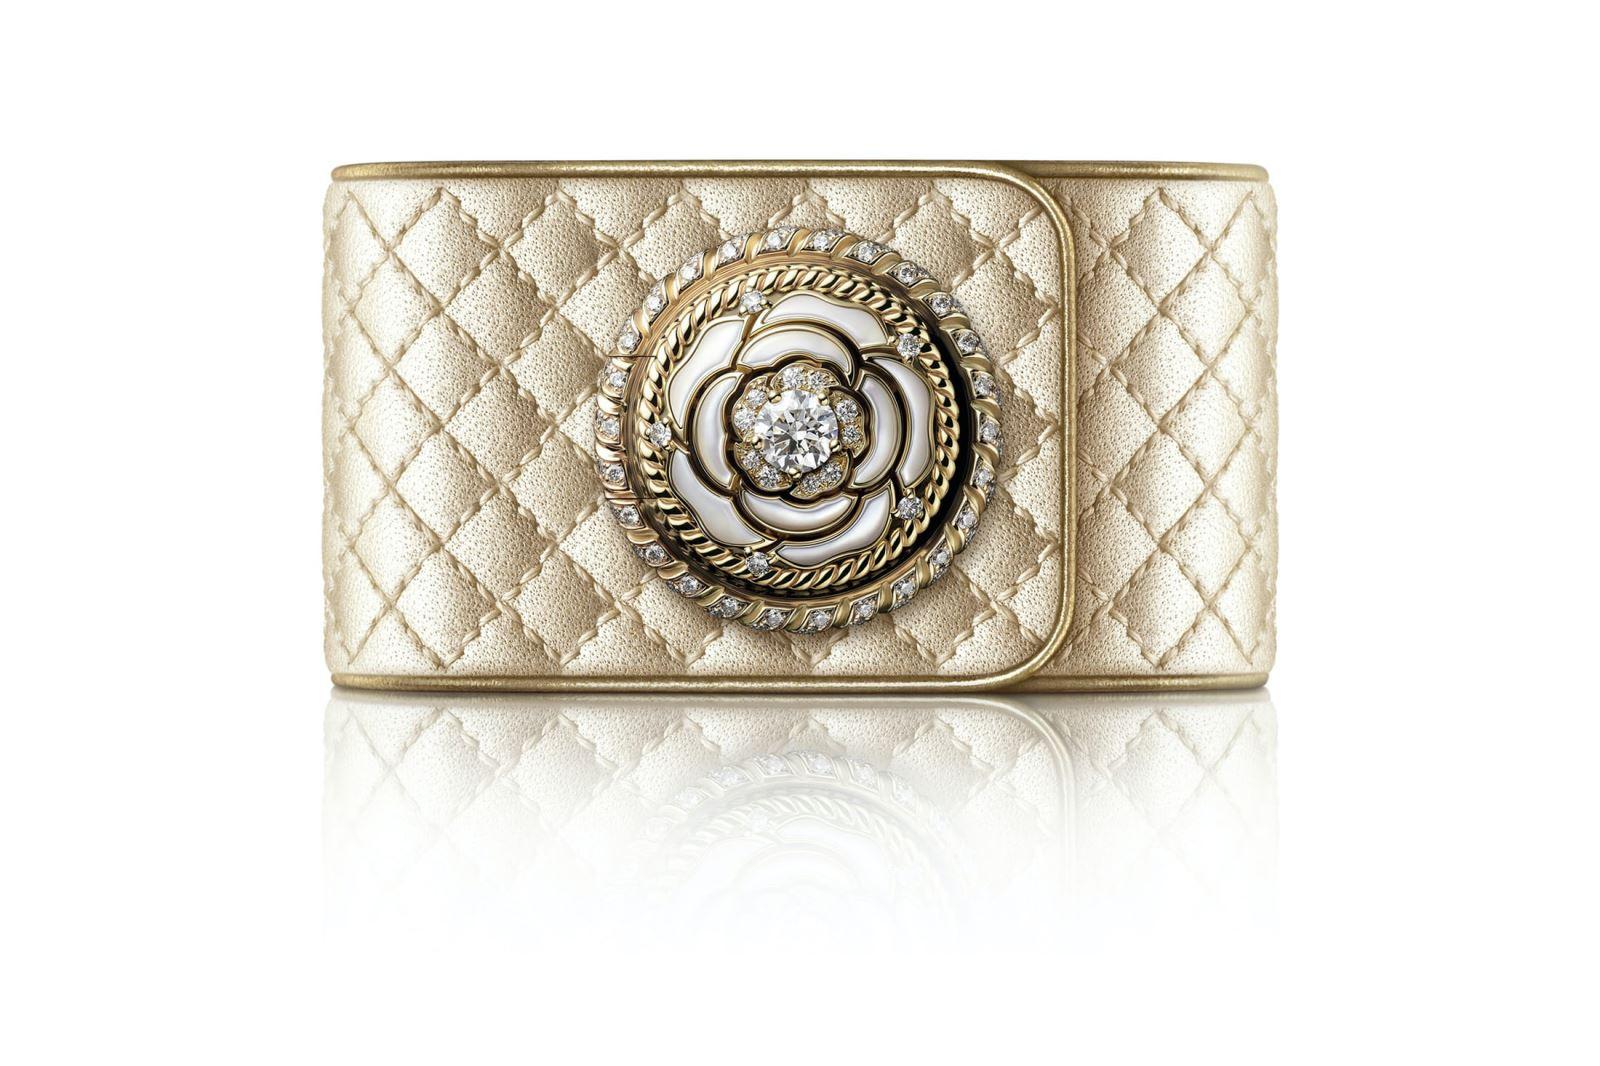 Đồng hồ Chanel Mademoiselle Privé Bouton Décor Camélia Nacre